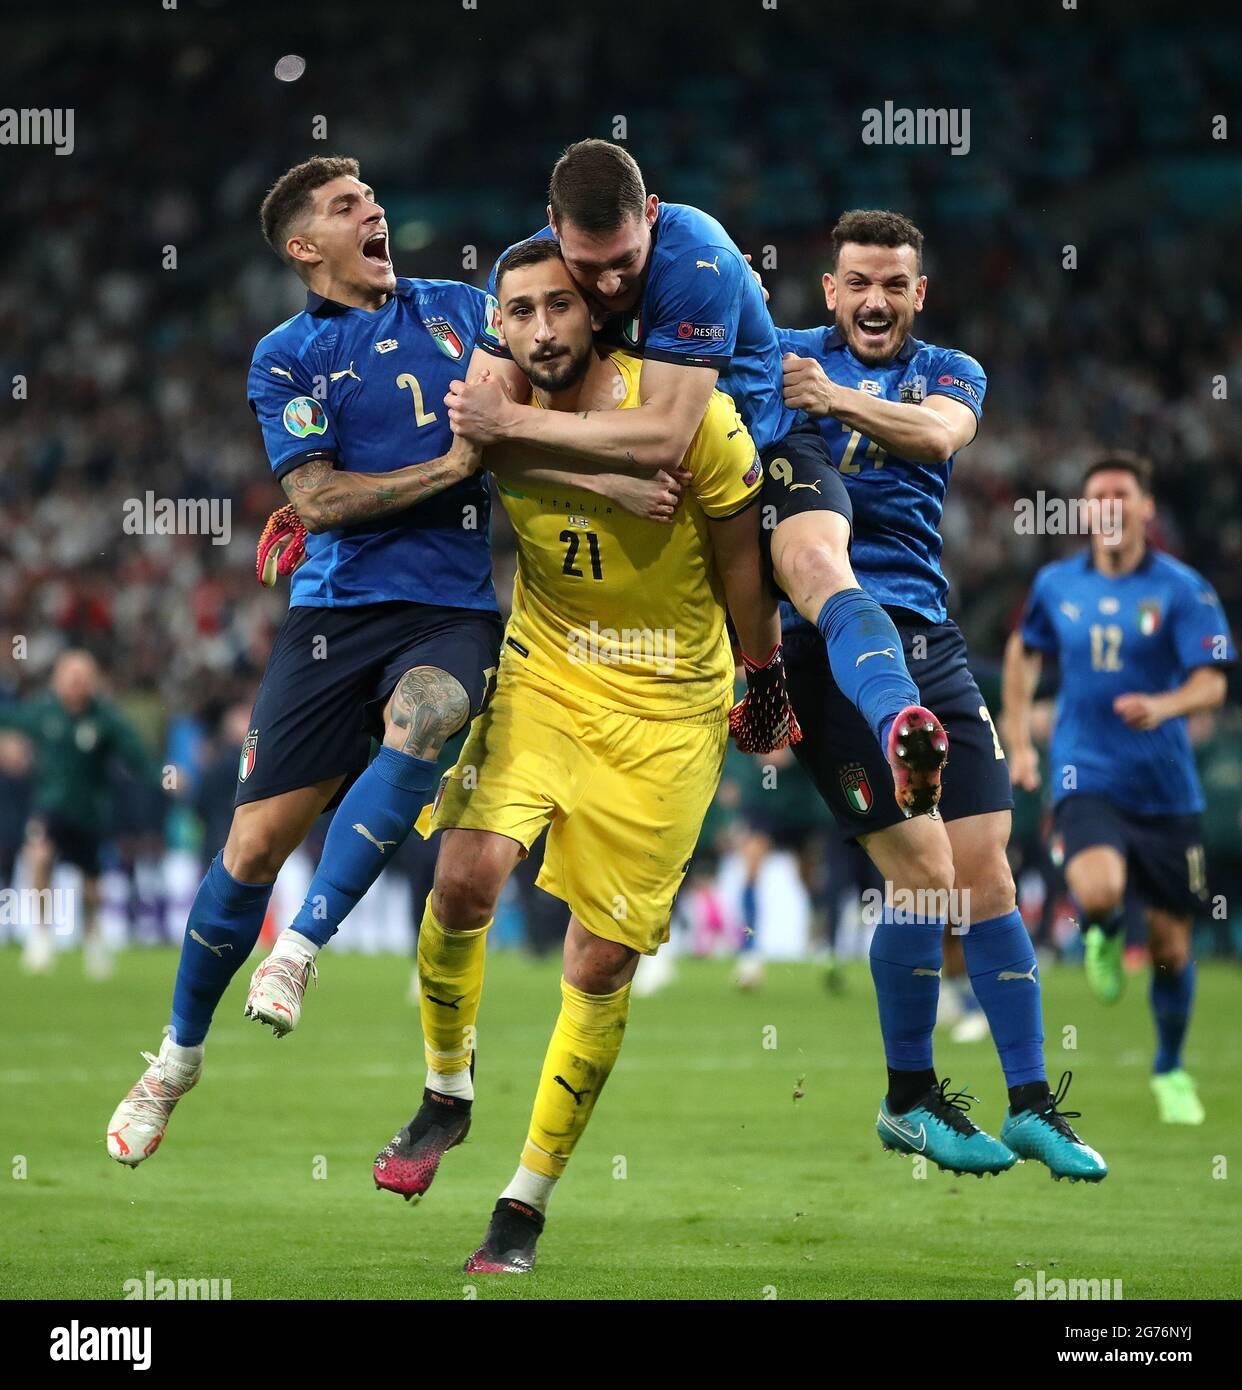 Die italienischen Spieler feiern mit Torwart Gianluigi Donnarumma, nachdem er nach dem UEFA-EM-Finale 2020 im Wembley Stadium, London, den letzten Elfmeterschießen gerettet hatte. Bilddatum: Sonntag, 11. Juli 2021. Stockfoto